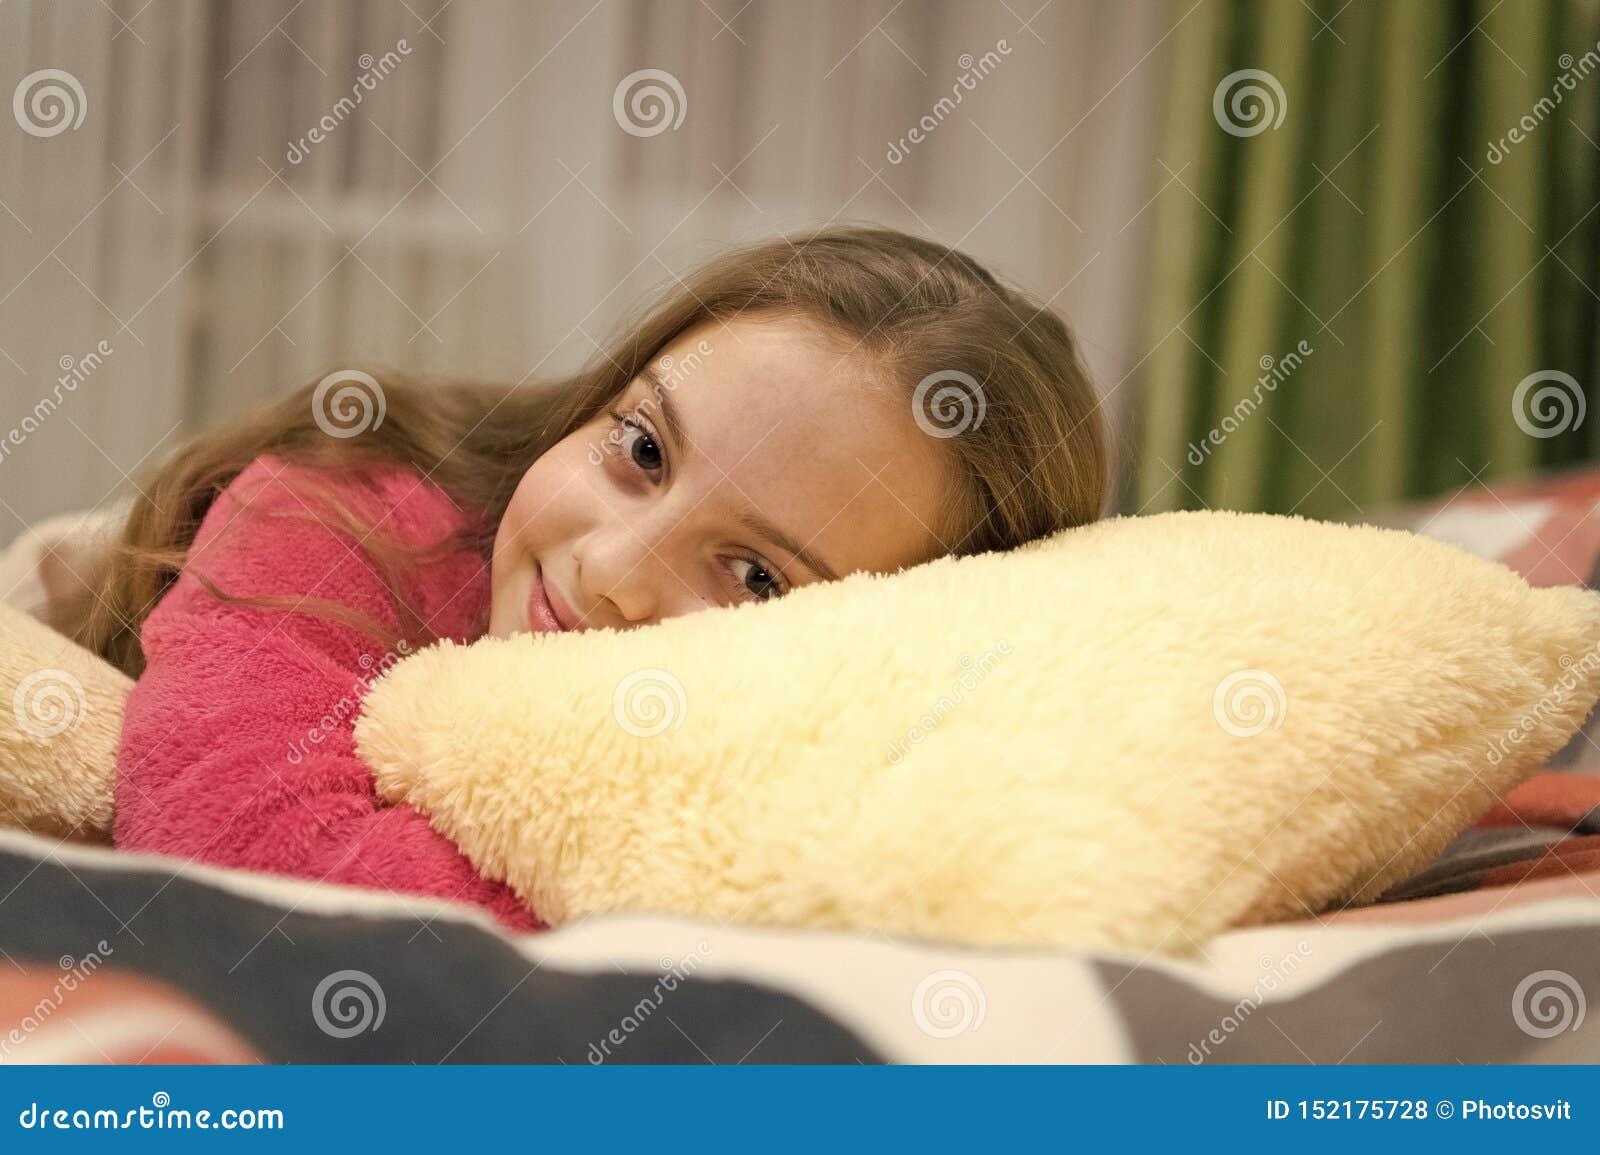 Концепция ухода за детьми Приятная релаксация времени Психические здоровья и позитивность Свободные направленные раздумье и релак